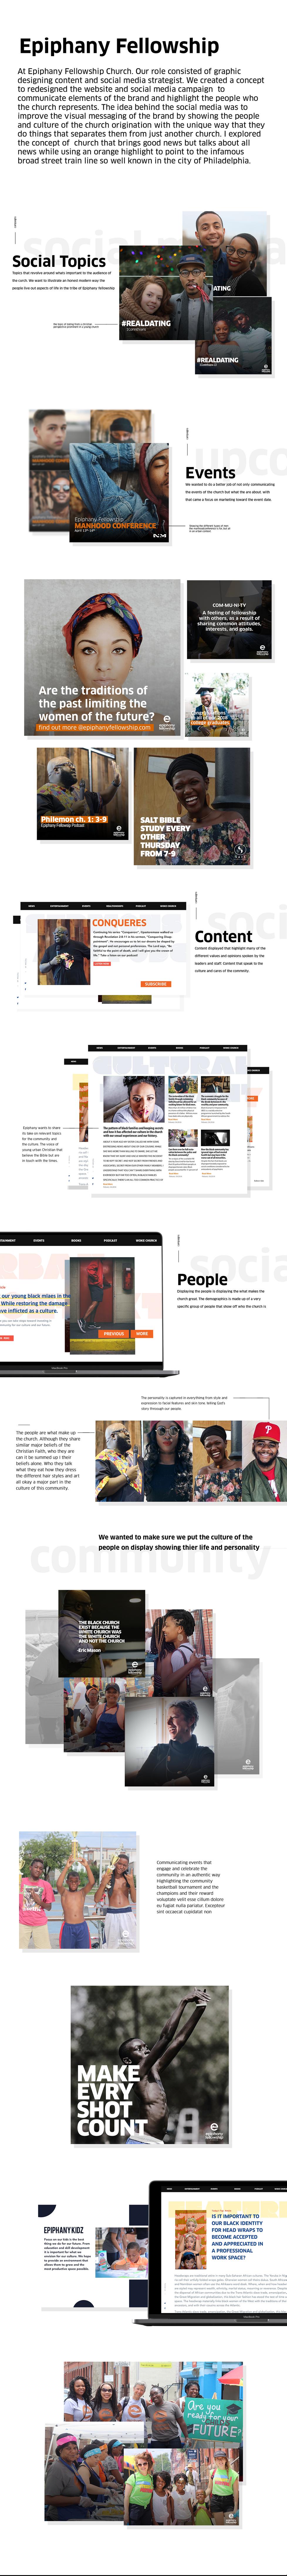 epiph-portfolio-project_03.png